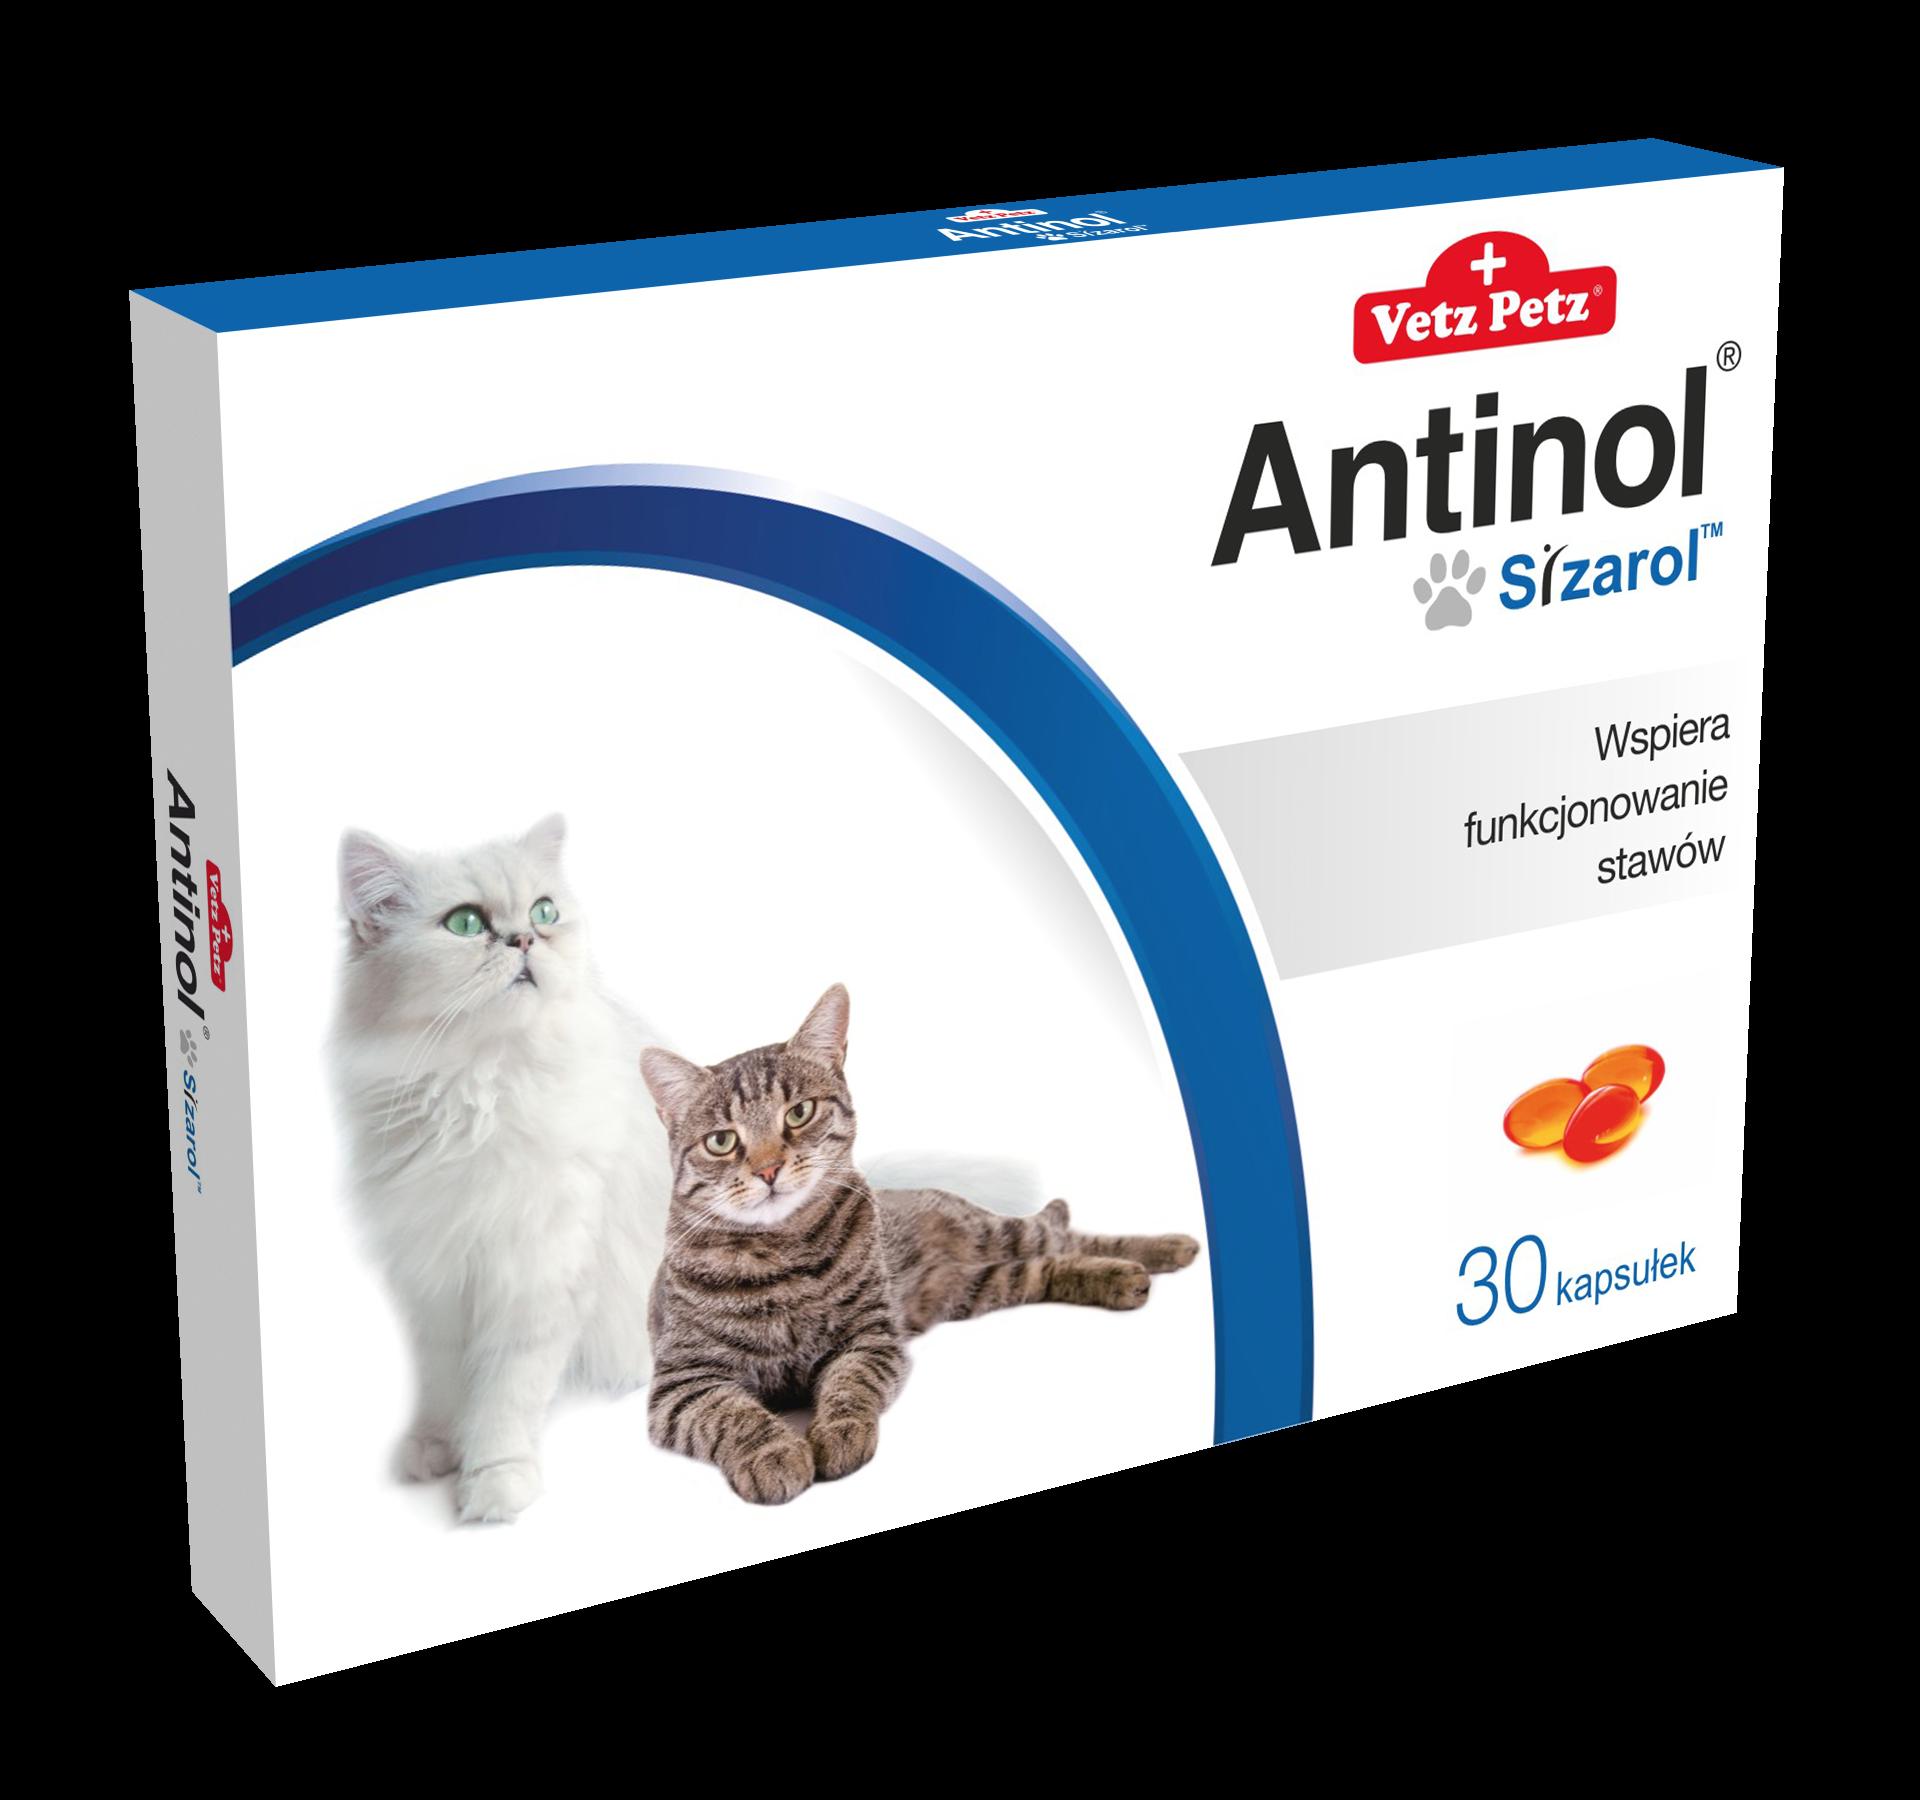 Antinol® Sizarol kot 30 kapsułek